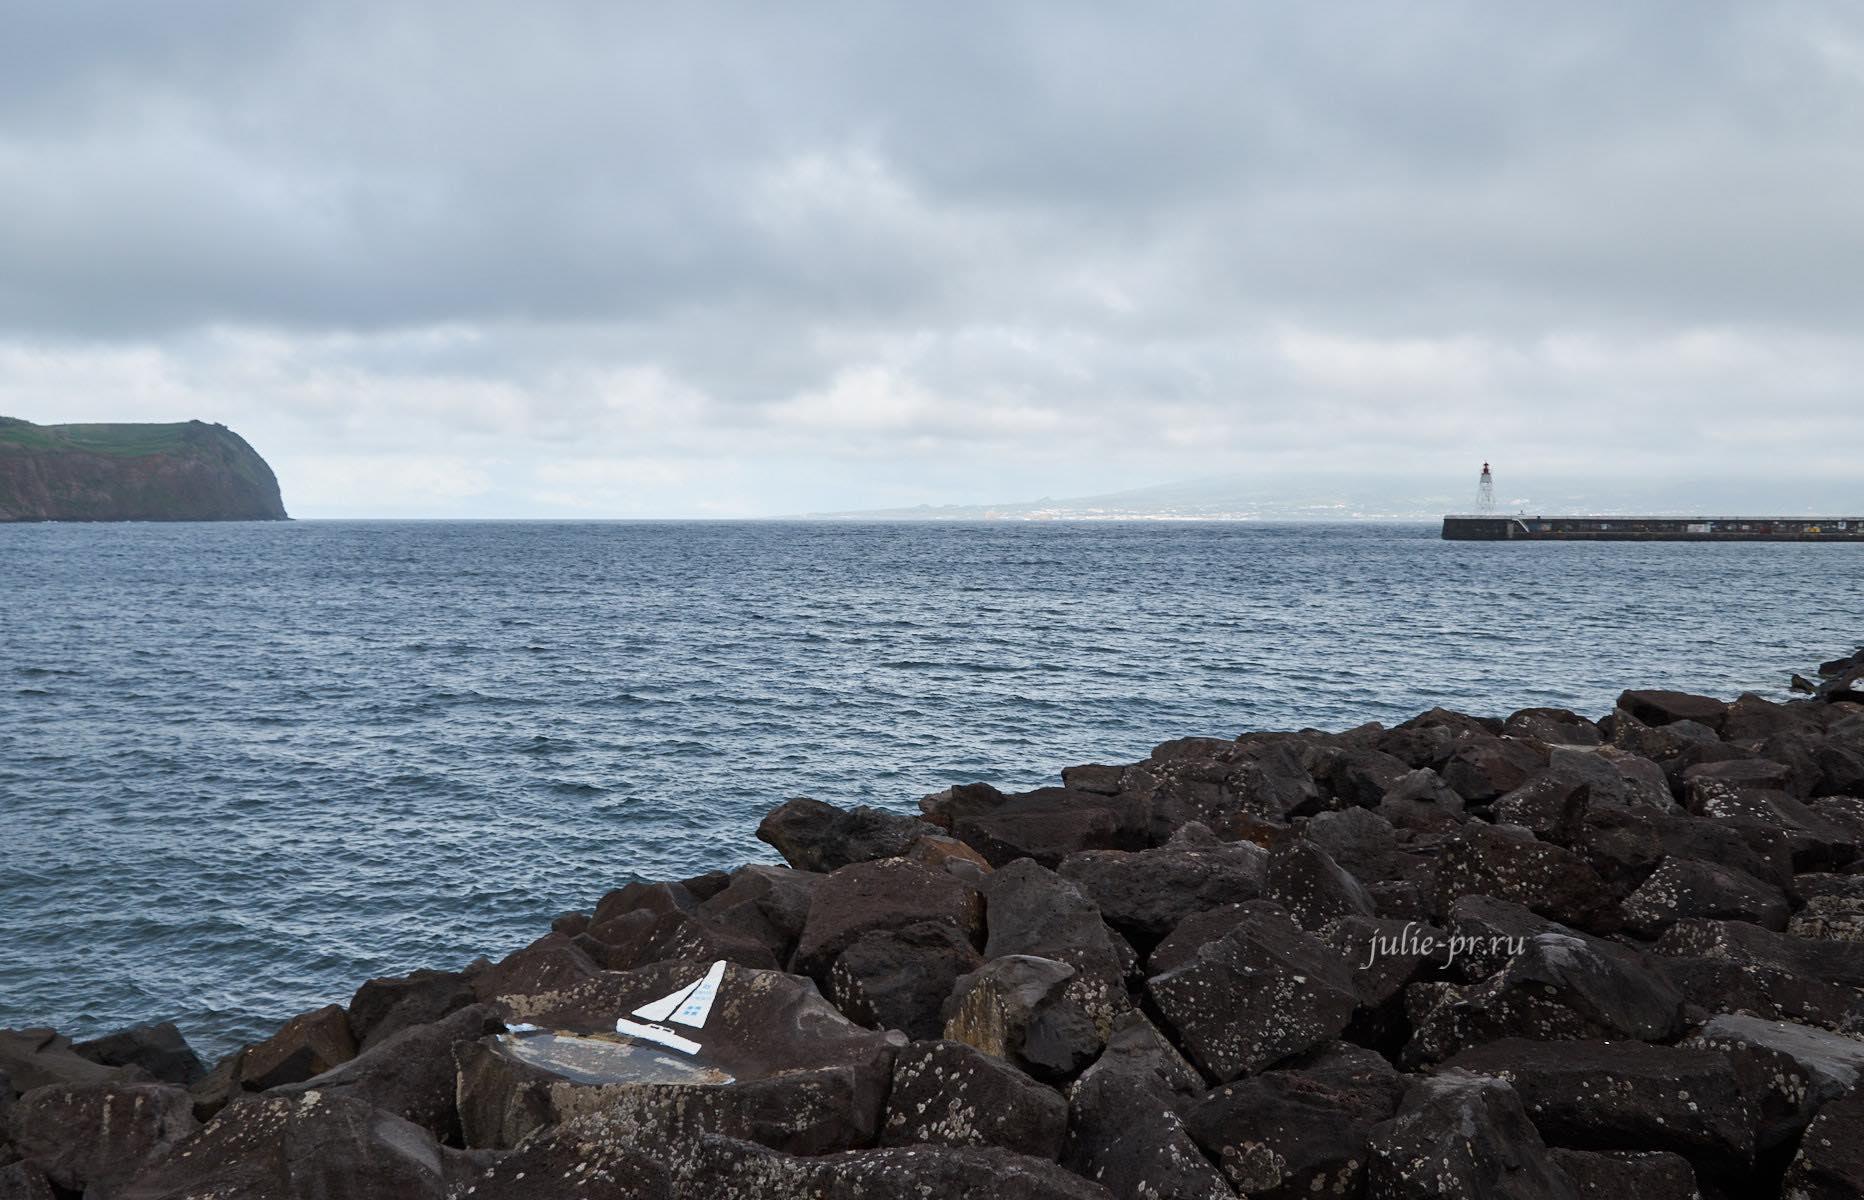 Азорские острова, Фаял, Орта